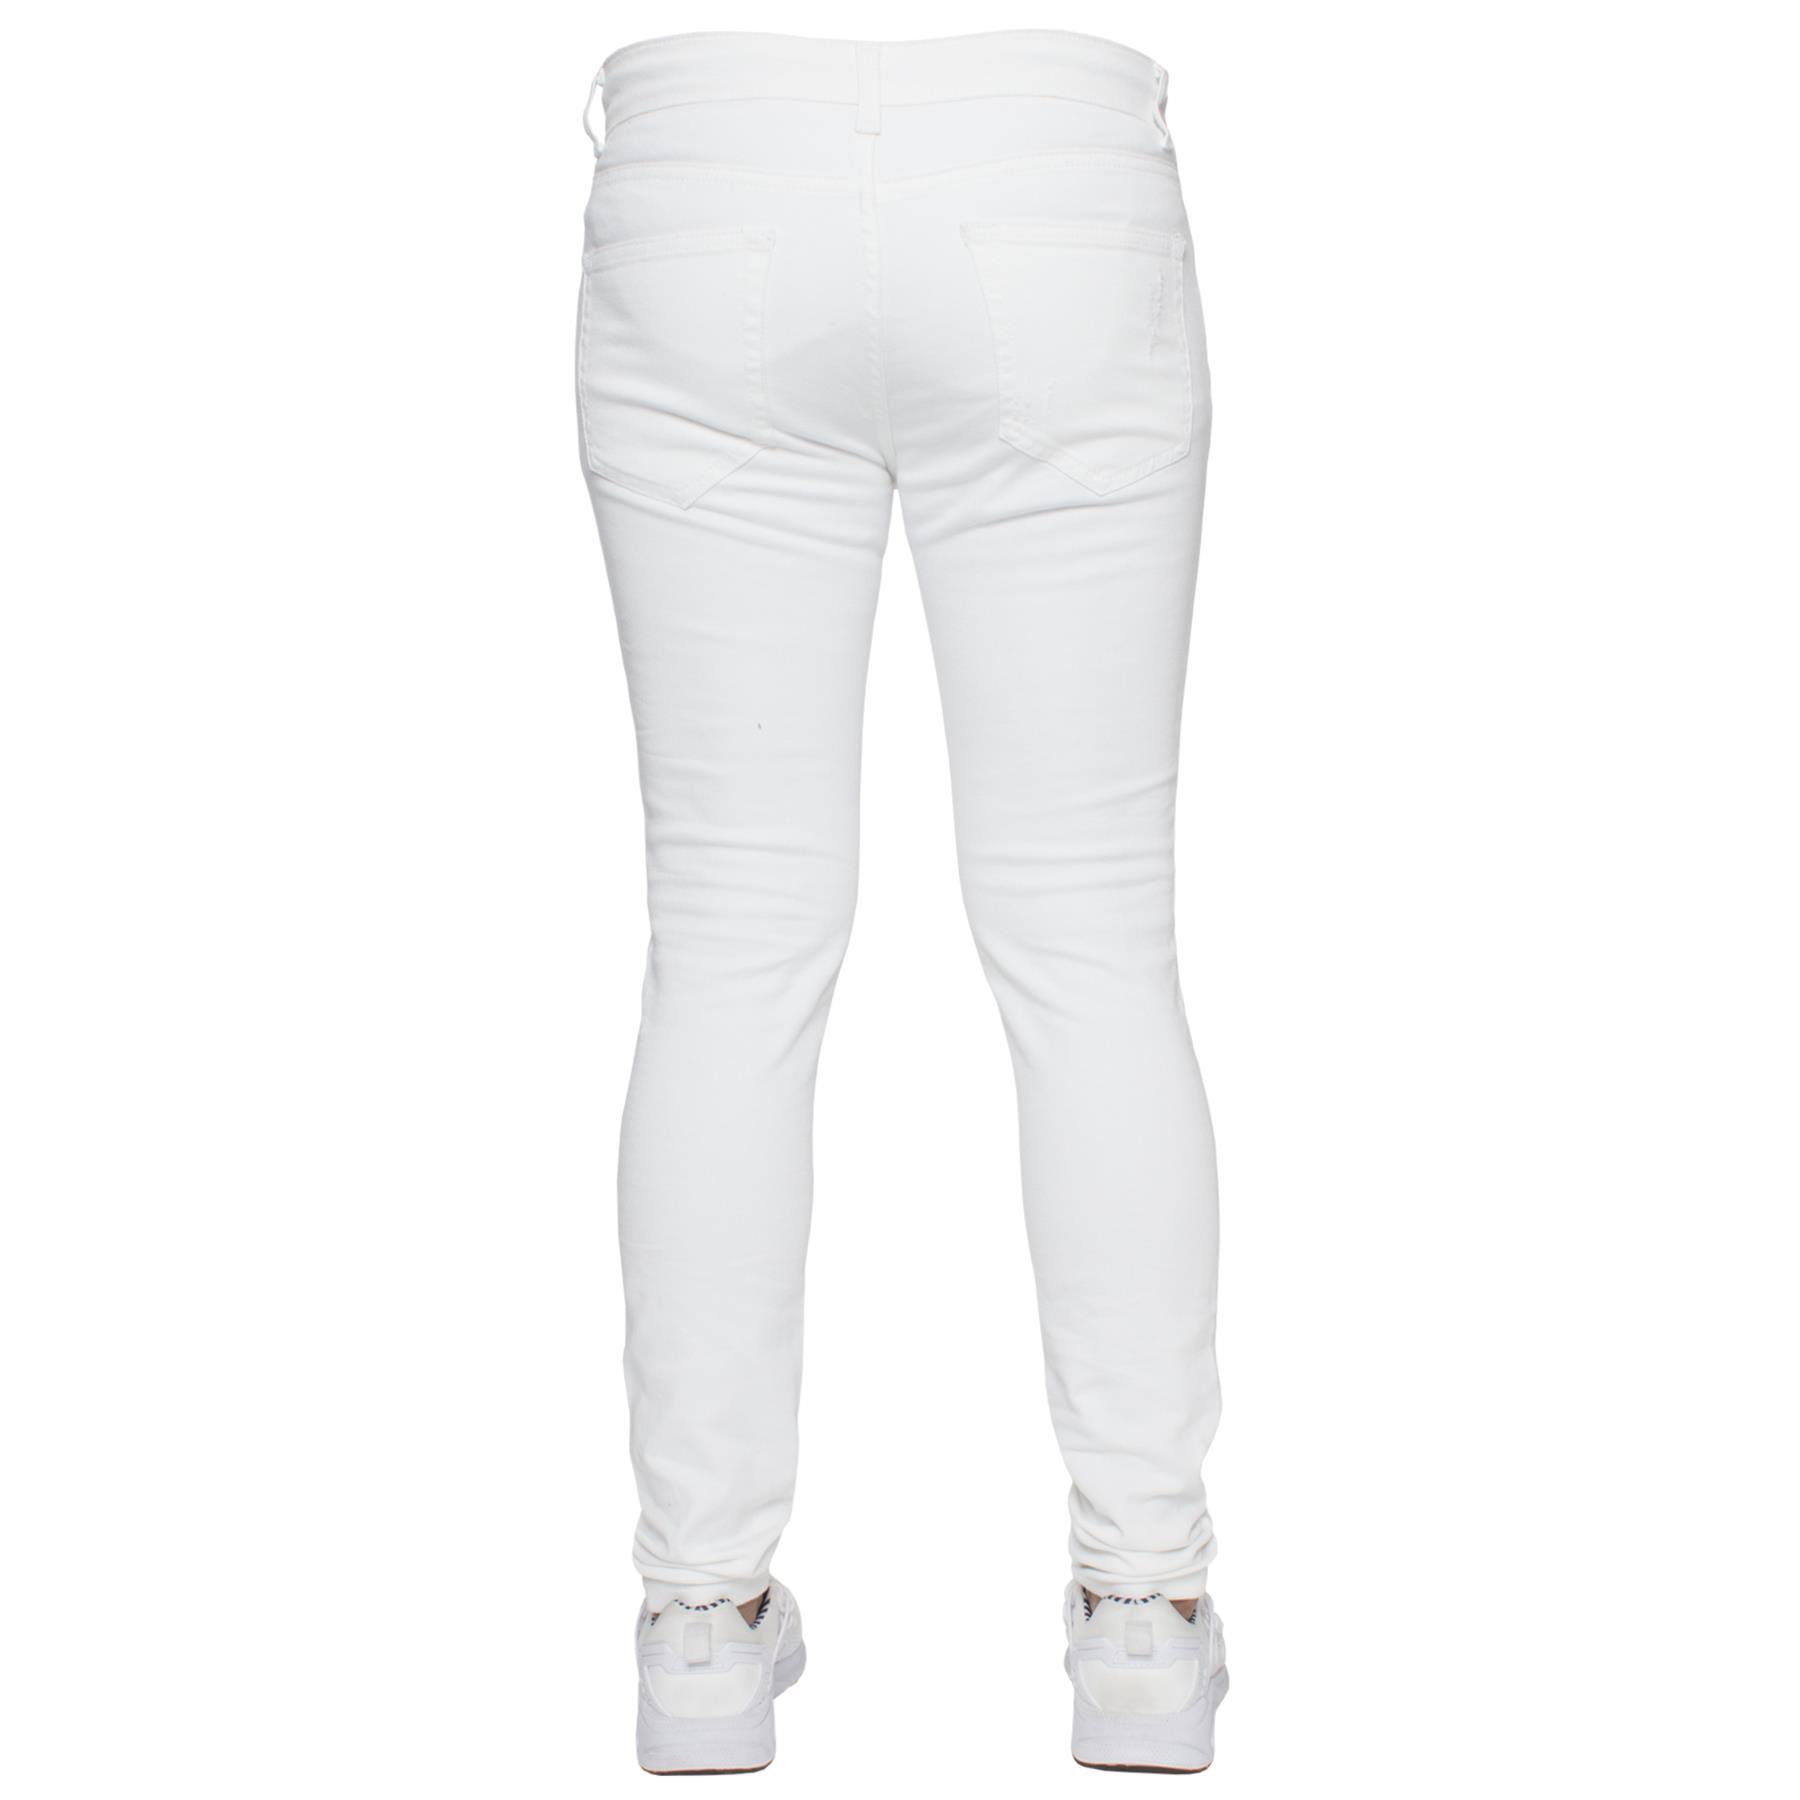 Para-hombre-Super-Skinny-Ripped-Jeans-Pantalones-Ajustados-desgastados-Denim-Envejecido-Todas miniatura 26